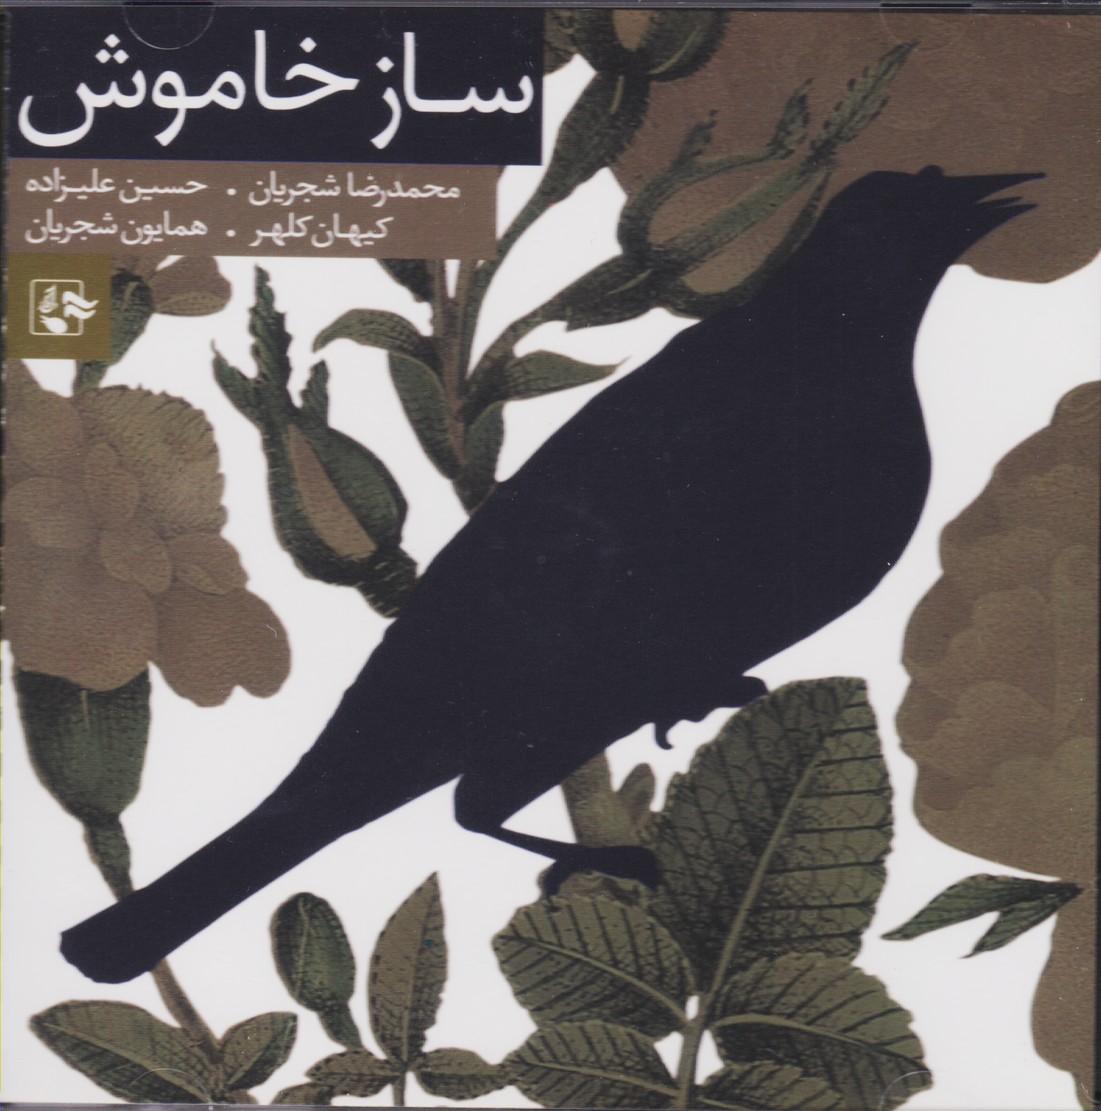 ساز خاموش(بخش اول کنسرت آذر ماه84 تهران.تالار بزرگ کشور)